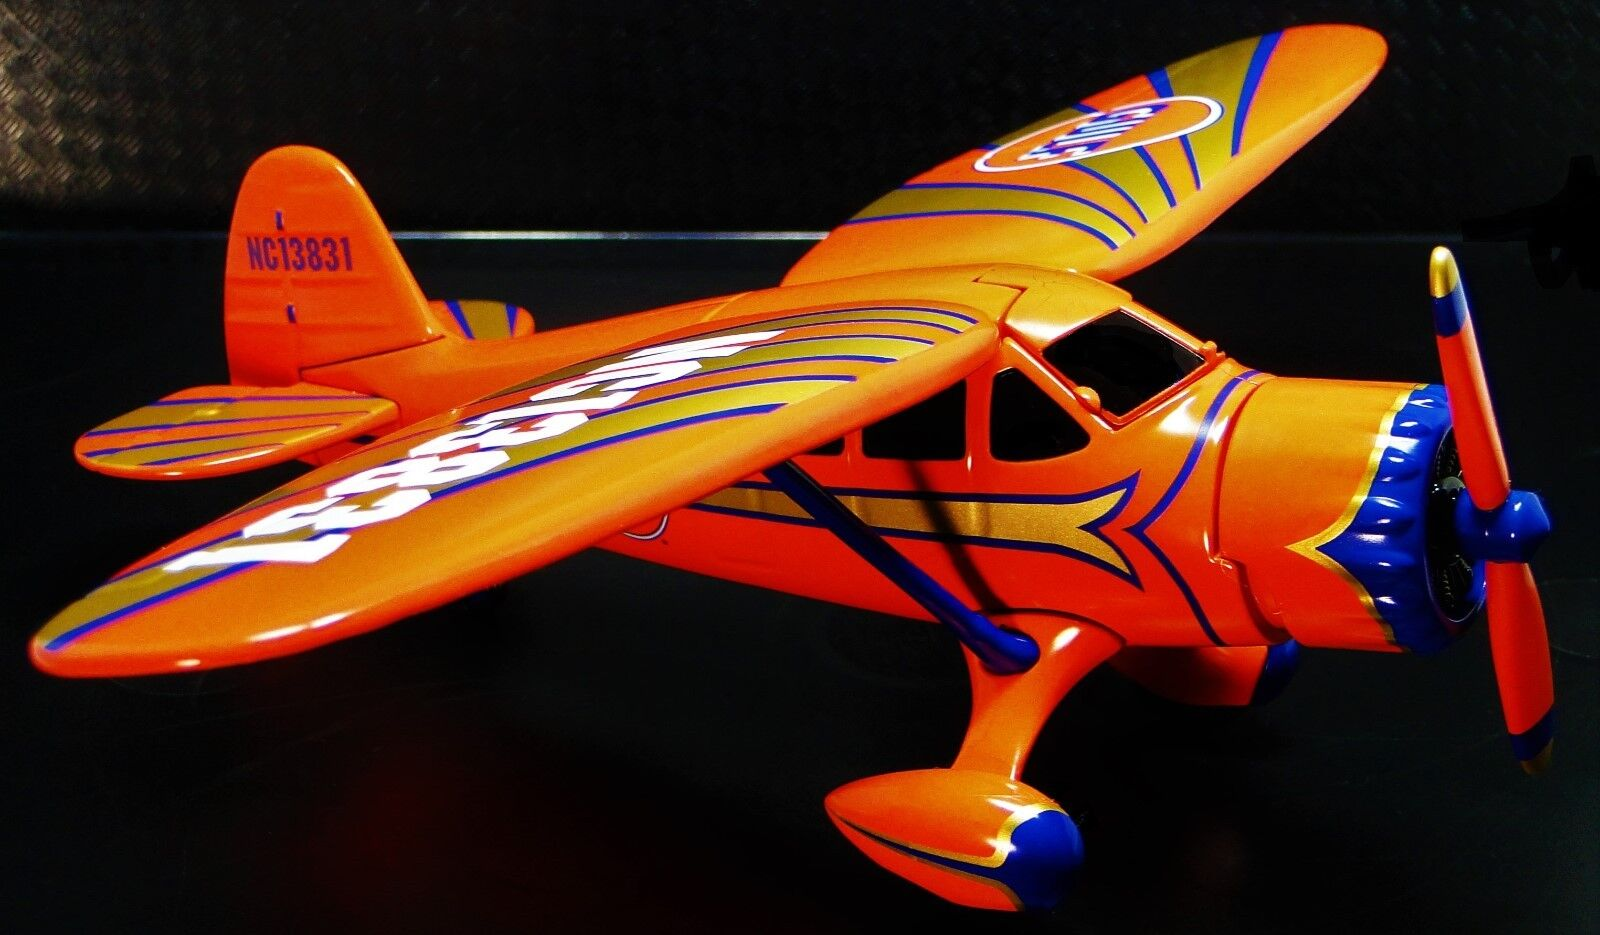 1 Aviones Avión Militar Modelo Diecast armadura Segunda Guerra Mundial Vintage 48 Naranja Cocherusel